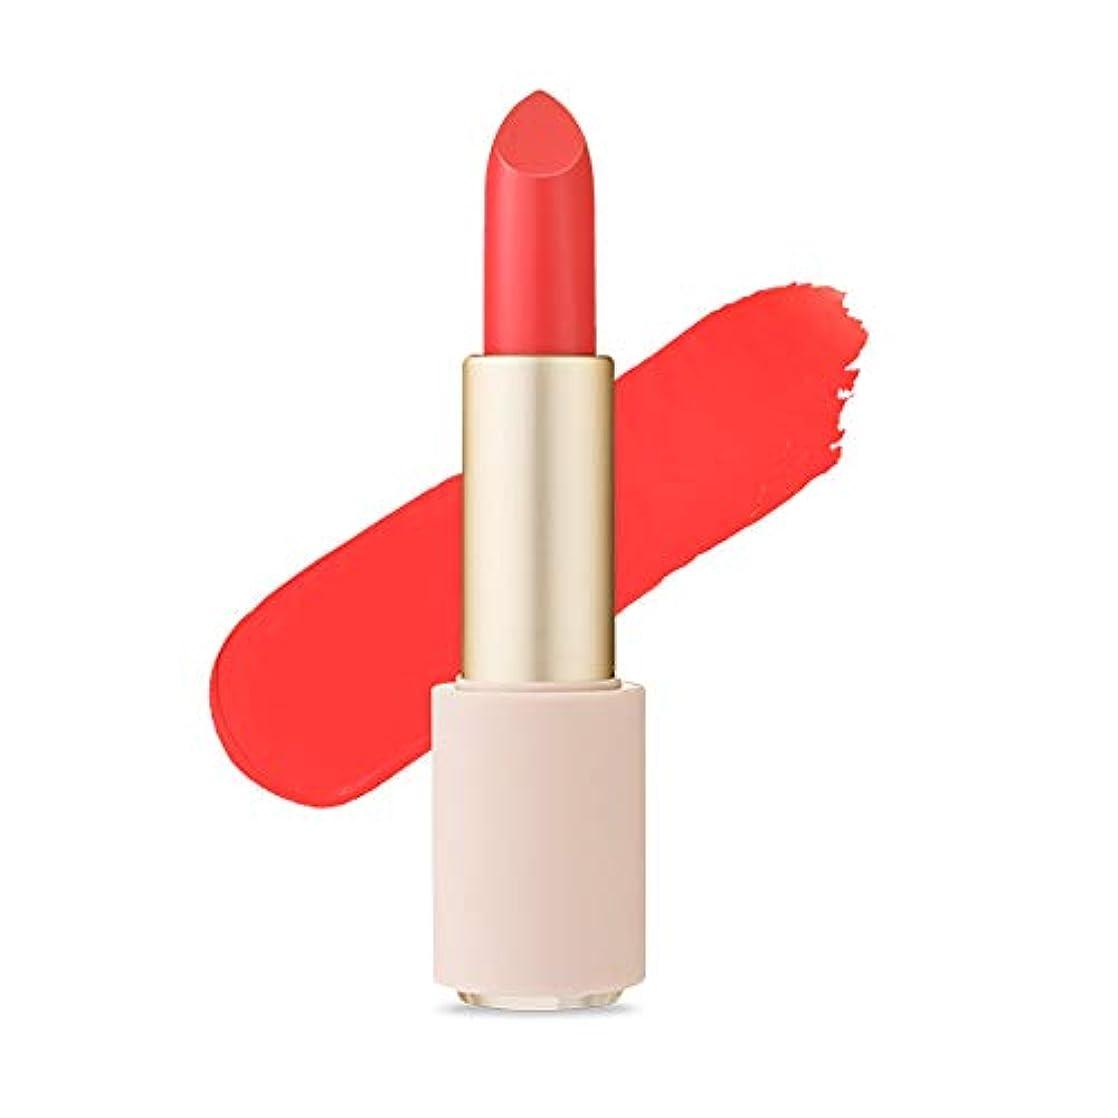 ヨーグルト仕事までEtude House Better Lips Talk Velvet エチュードハウス ベター リップス - トーク ベルベット (# OR205 Peach On Top) [並行輸入品]